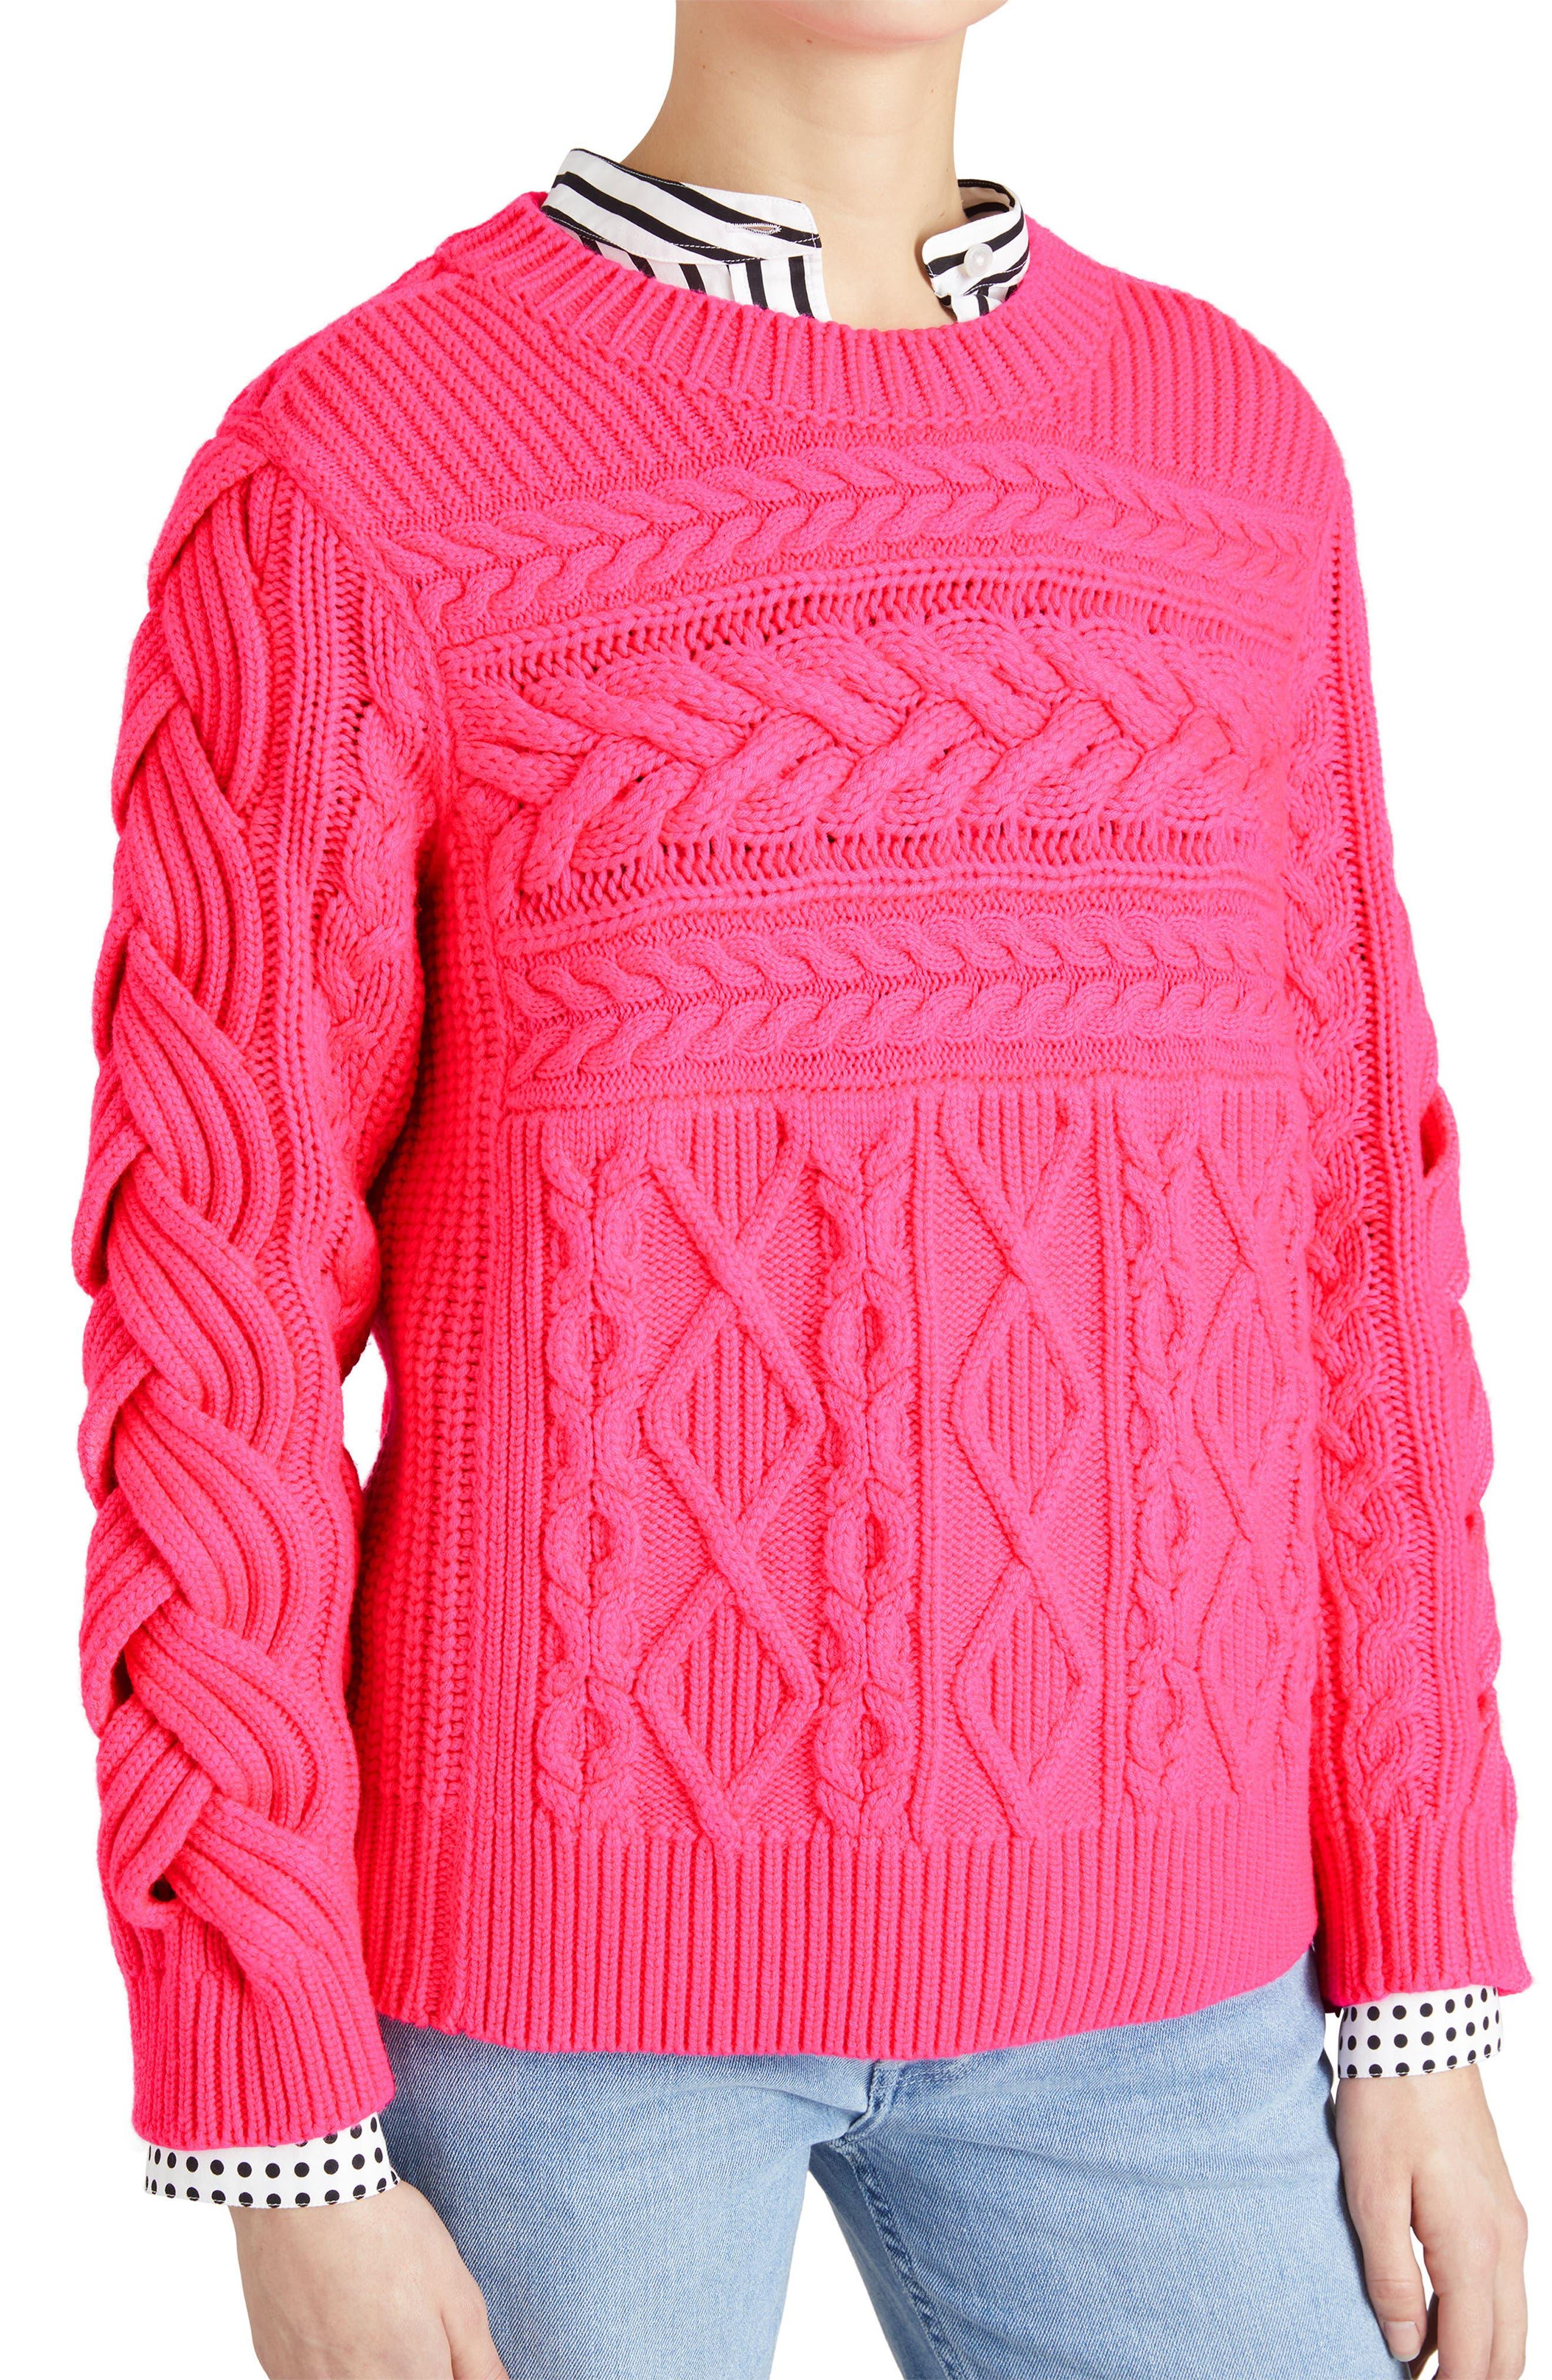 Burberry Tolman Aran Knit Sweater